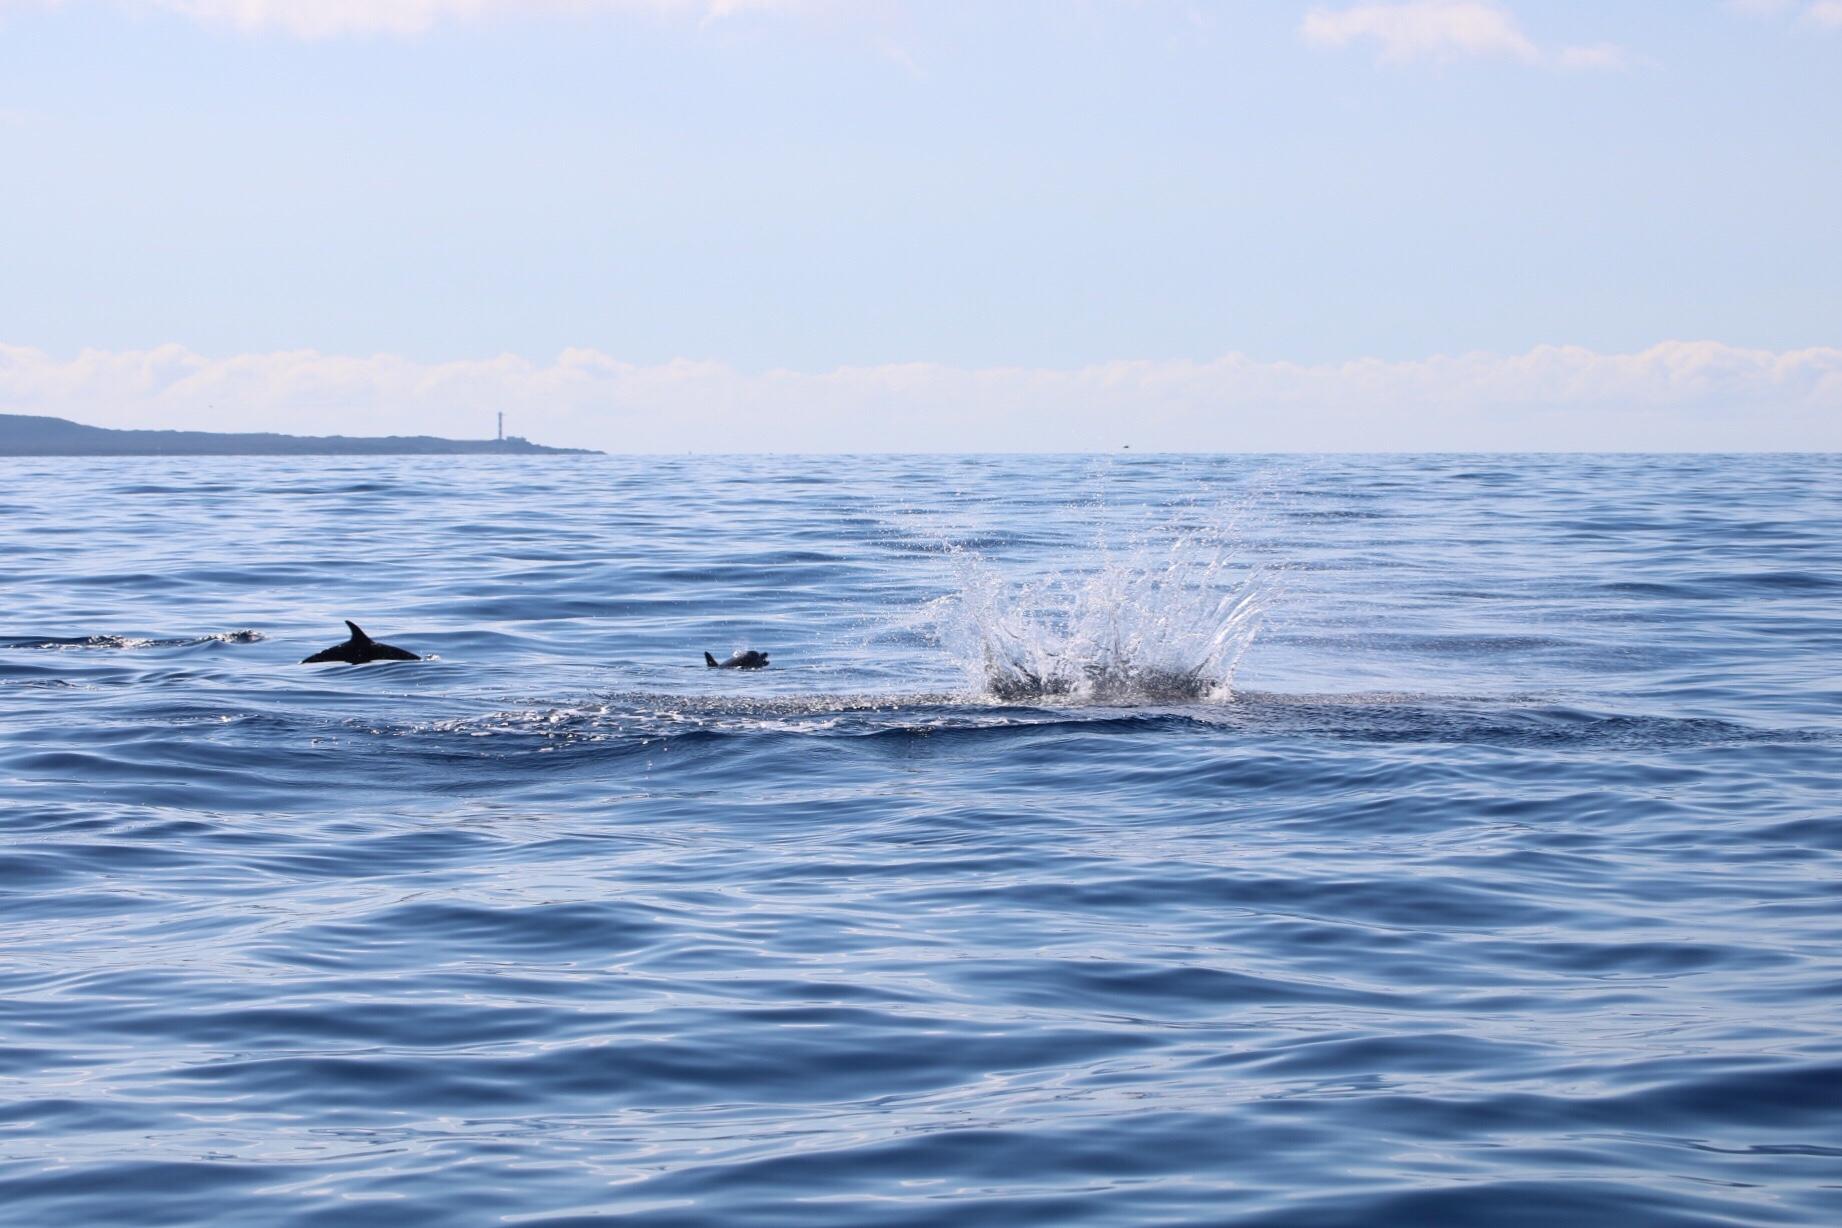 obserwacja delfinów, rejs na delfiny, ocean atlantycki, wycieczki statkiem teneryfa, los cristianos, blog o dzikich zwierzętach, animalistka.pl